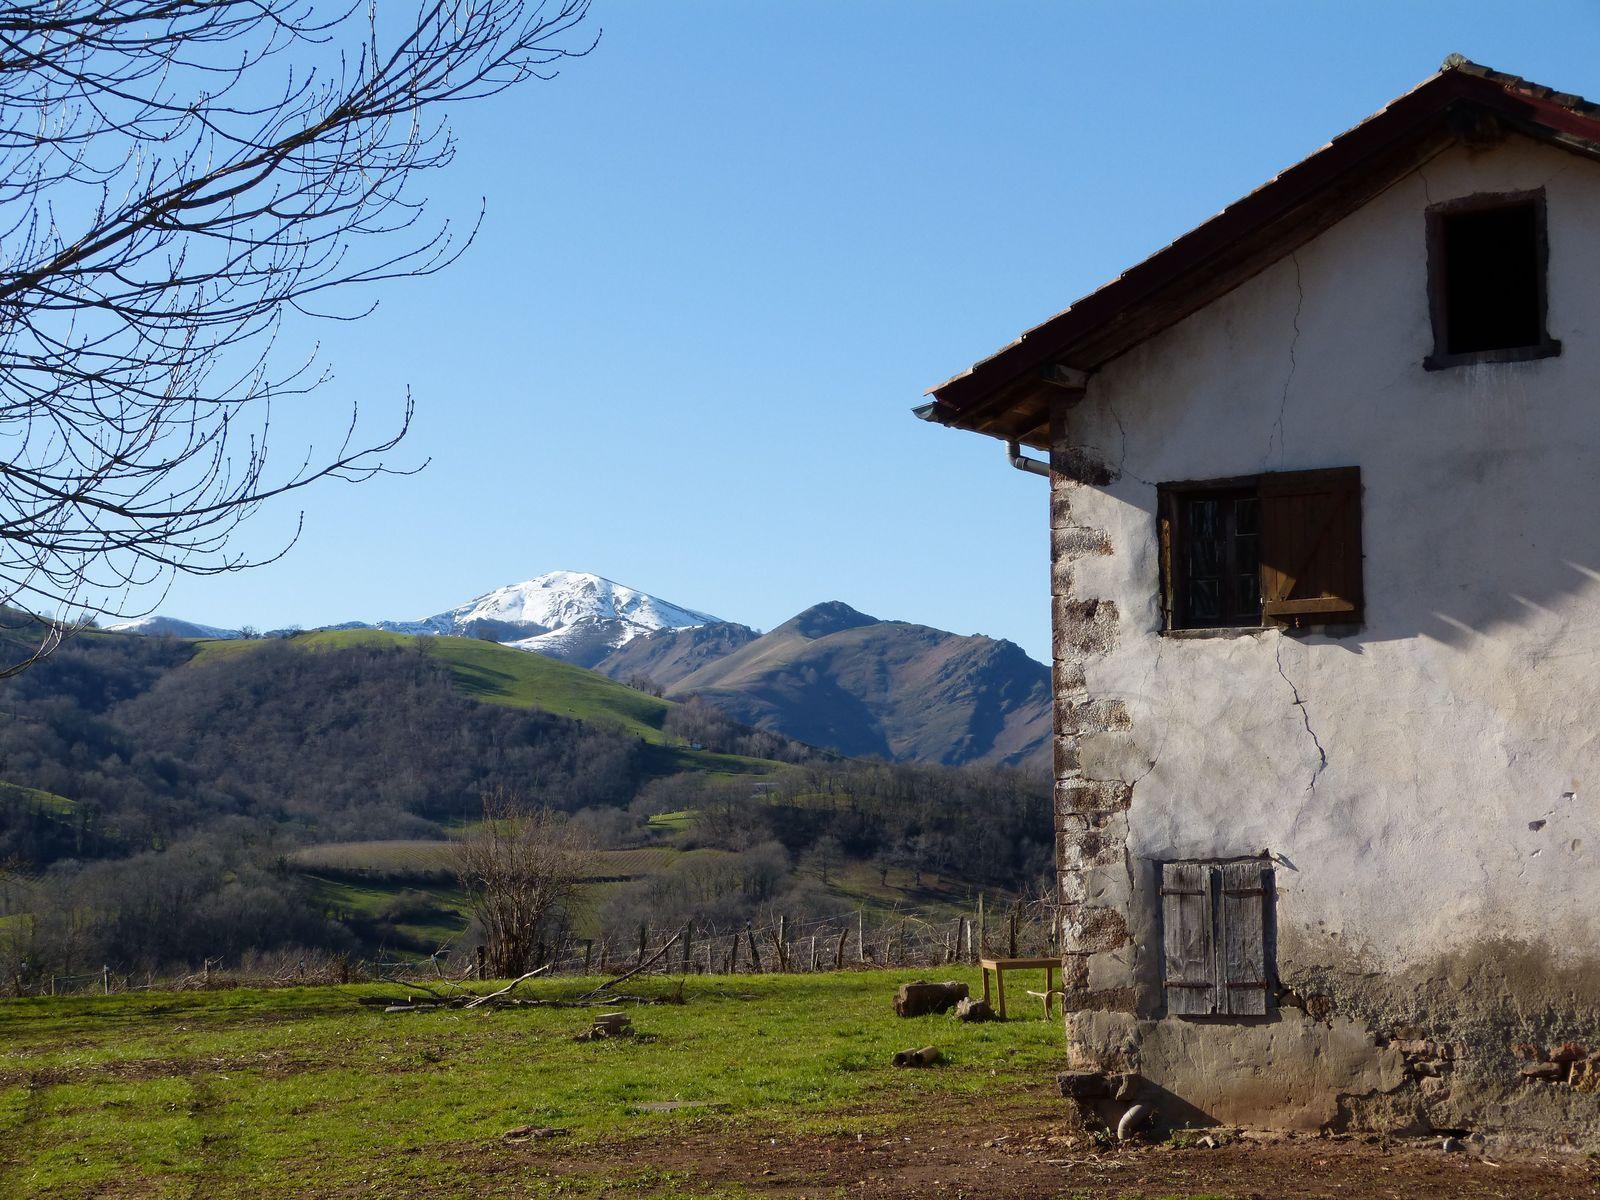 Balade près d'Irouléguy